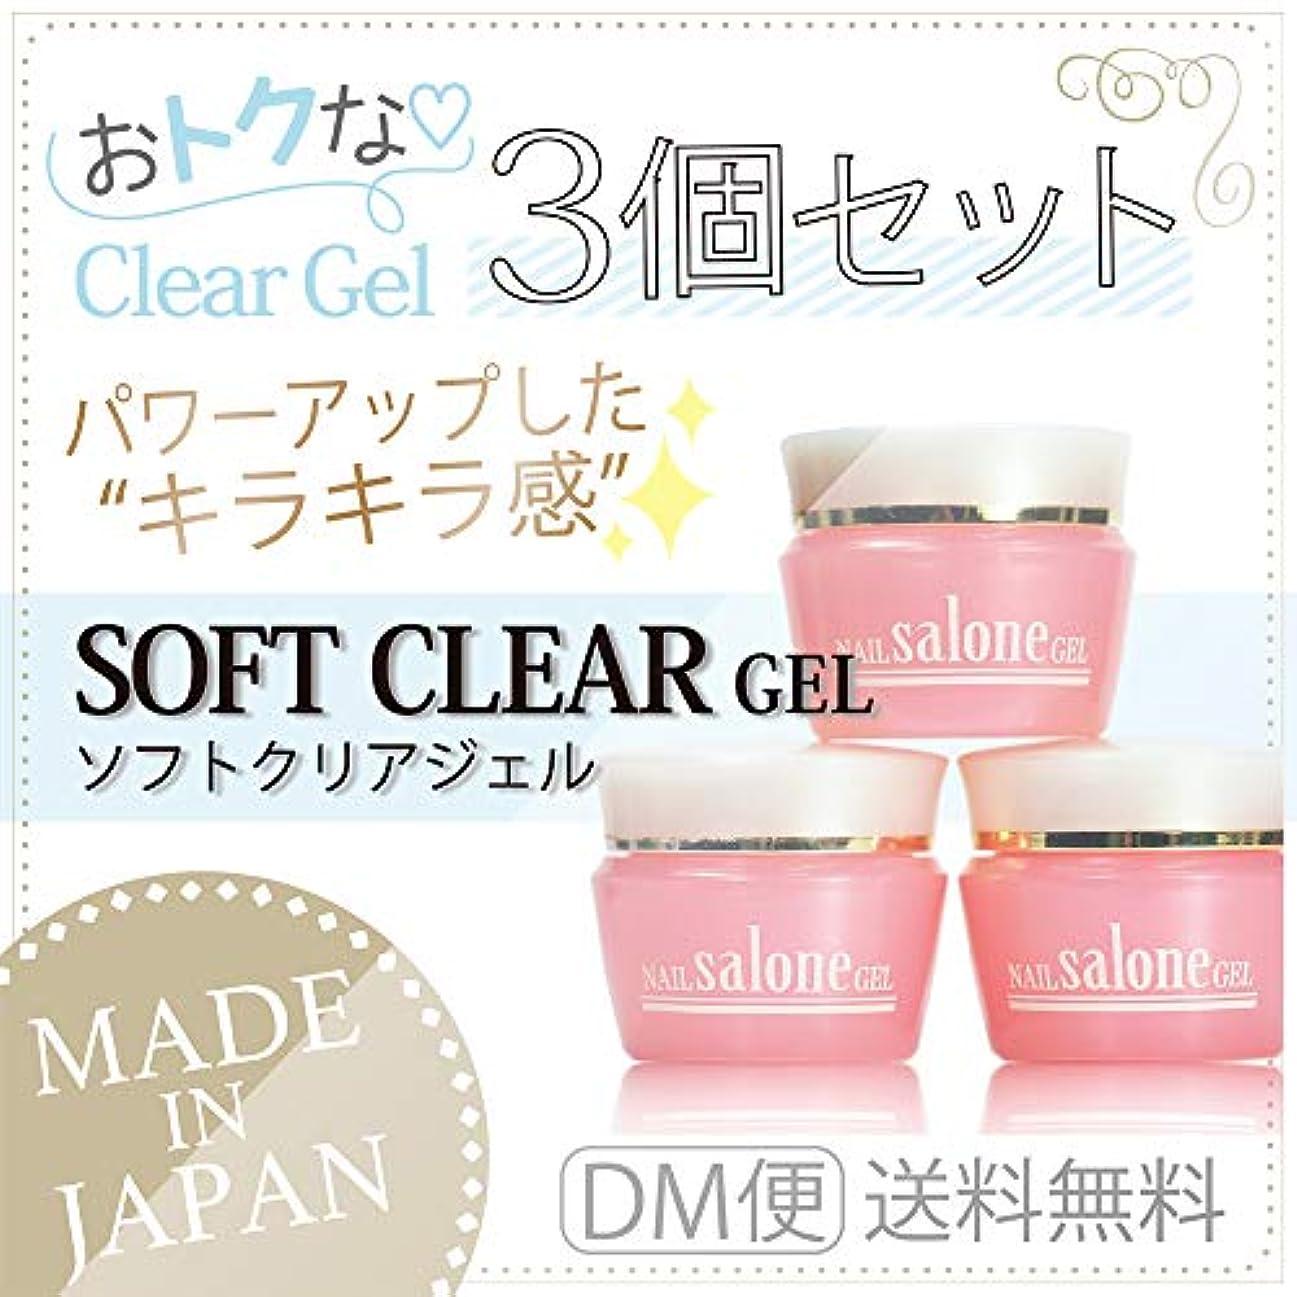 解釈解任劇場Salone gel サローネ ソフトクリアージェル お得な3個セット ツヤツヤ キラキラ感持続 抜群のツヤ 爪に優しい日本製 3g